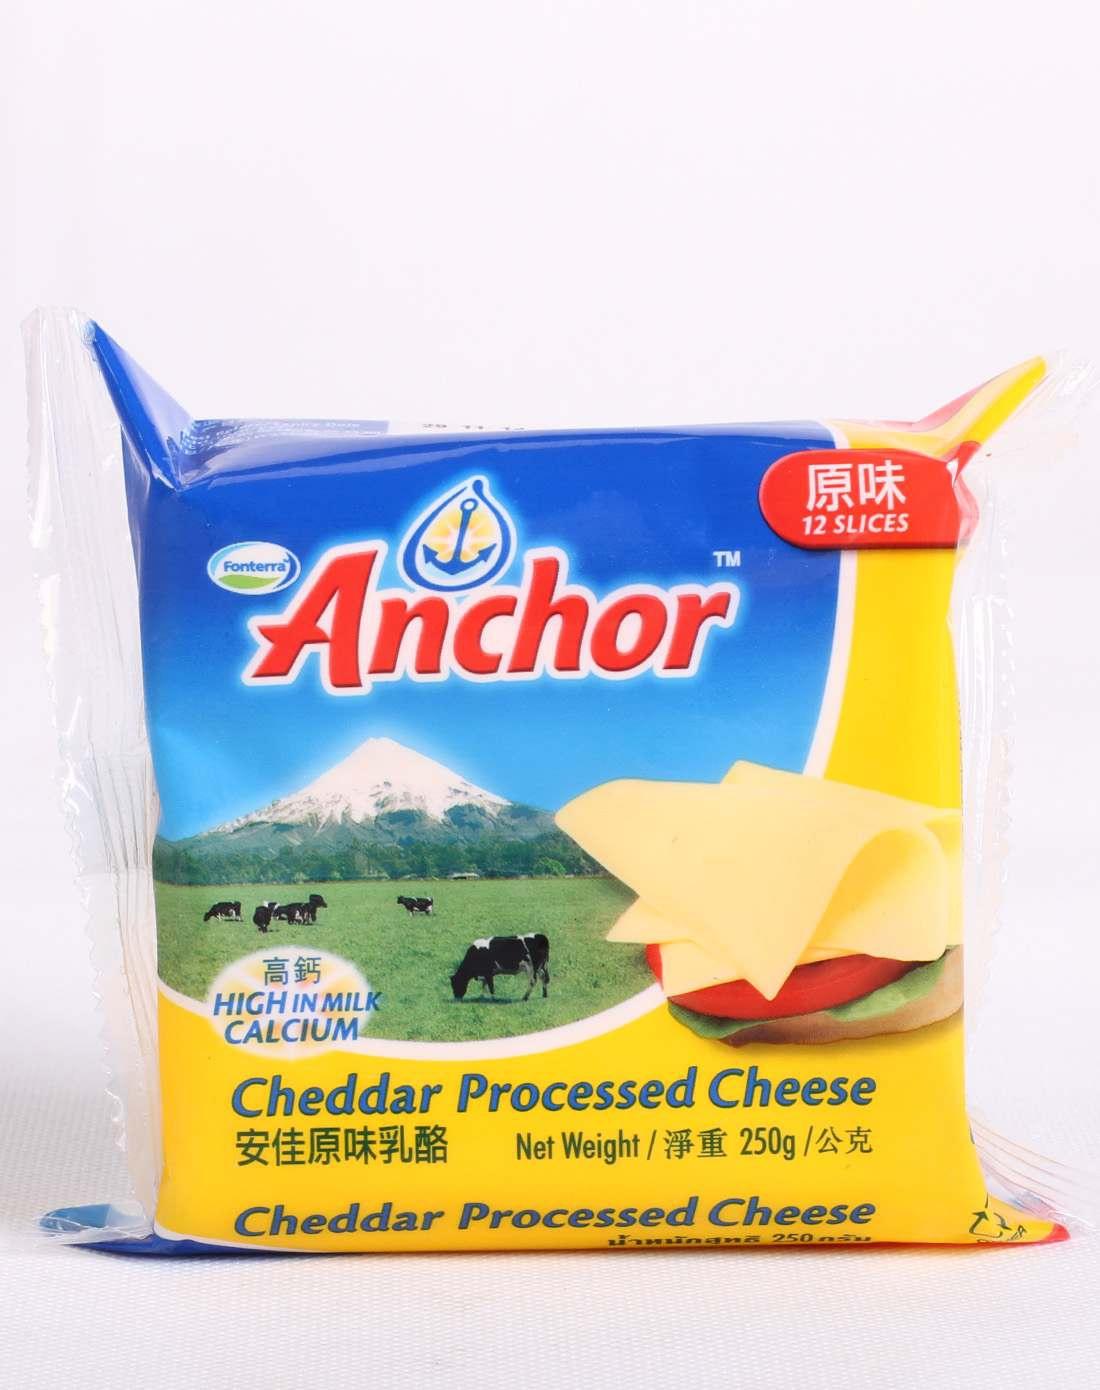 安佳anchor精致芝士片(米色)250g*2袋